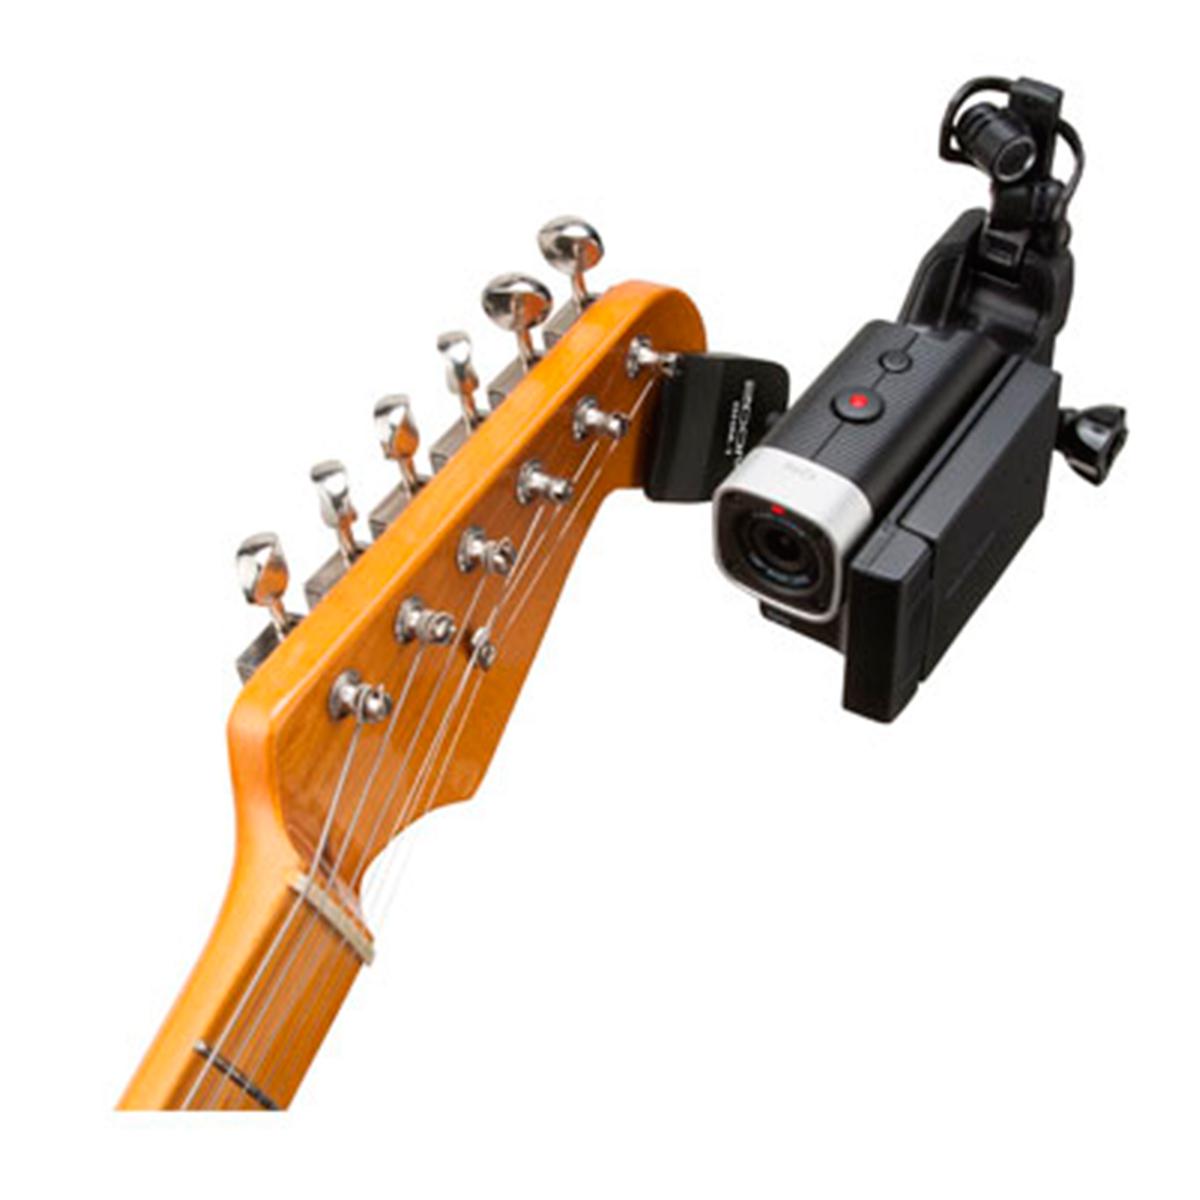 GHM1 - Suporte de Guitarra / Baixo / Violão p/ Câmera Q4 GHM 1 - Zoom